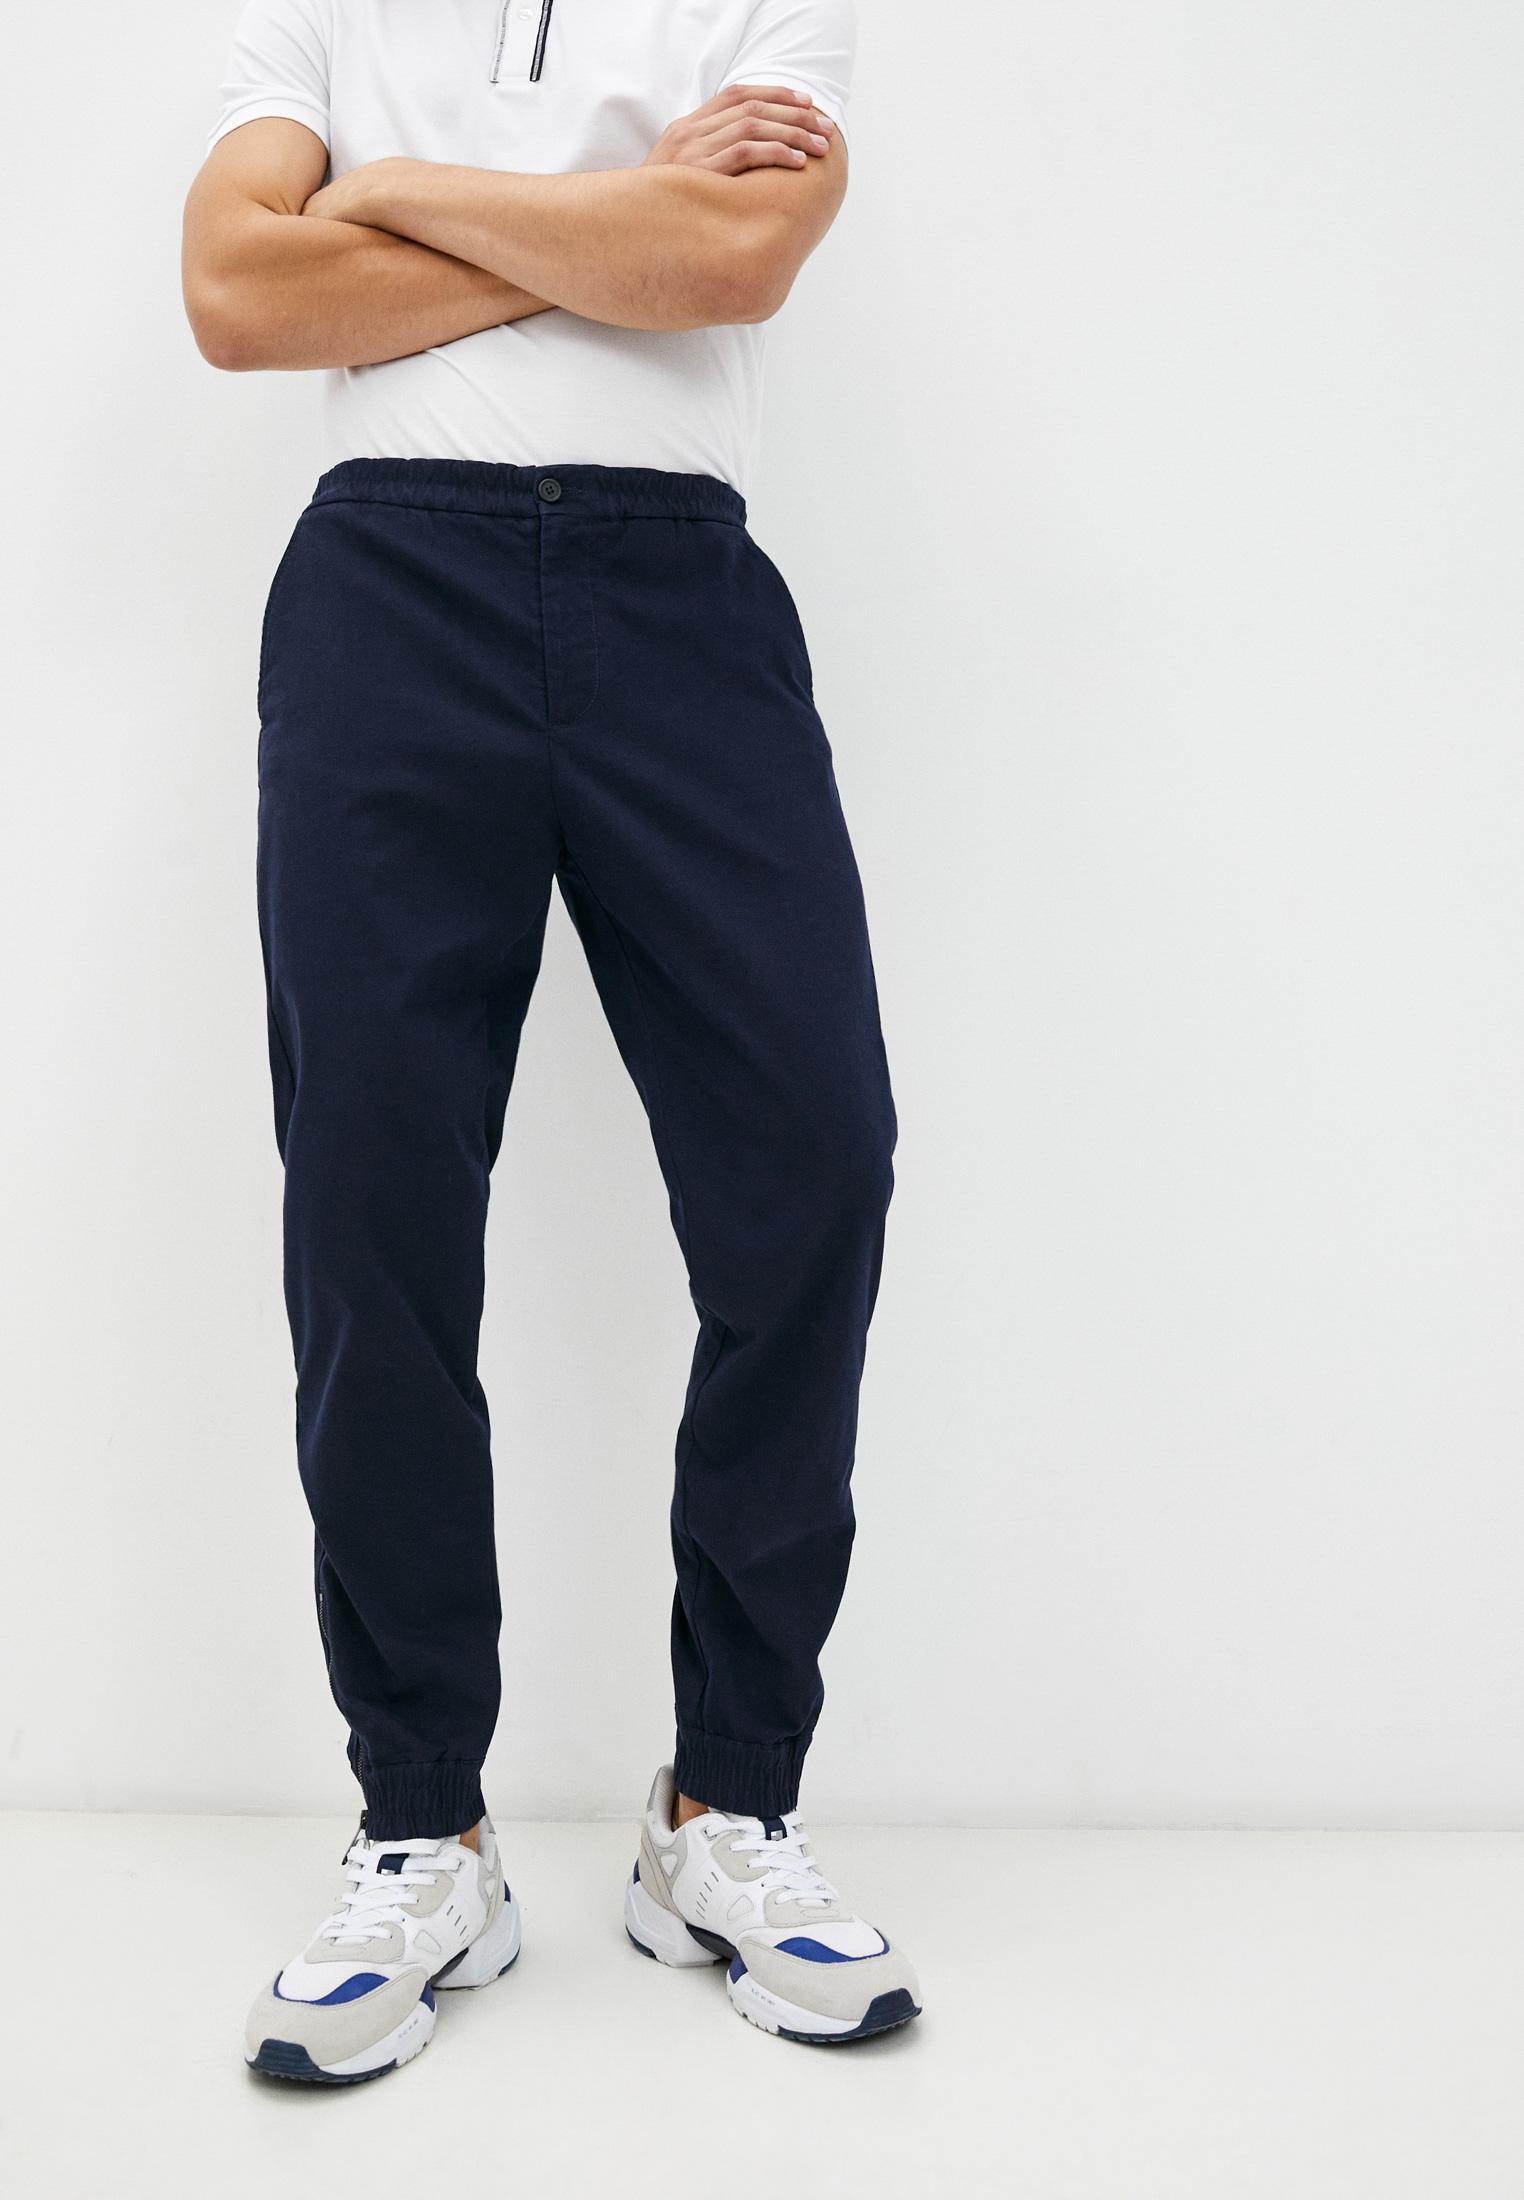 Мужские повседневные брюки Bikkembergs (Биккембергс) C P 039 00 S 3330: изображение 11